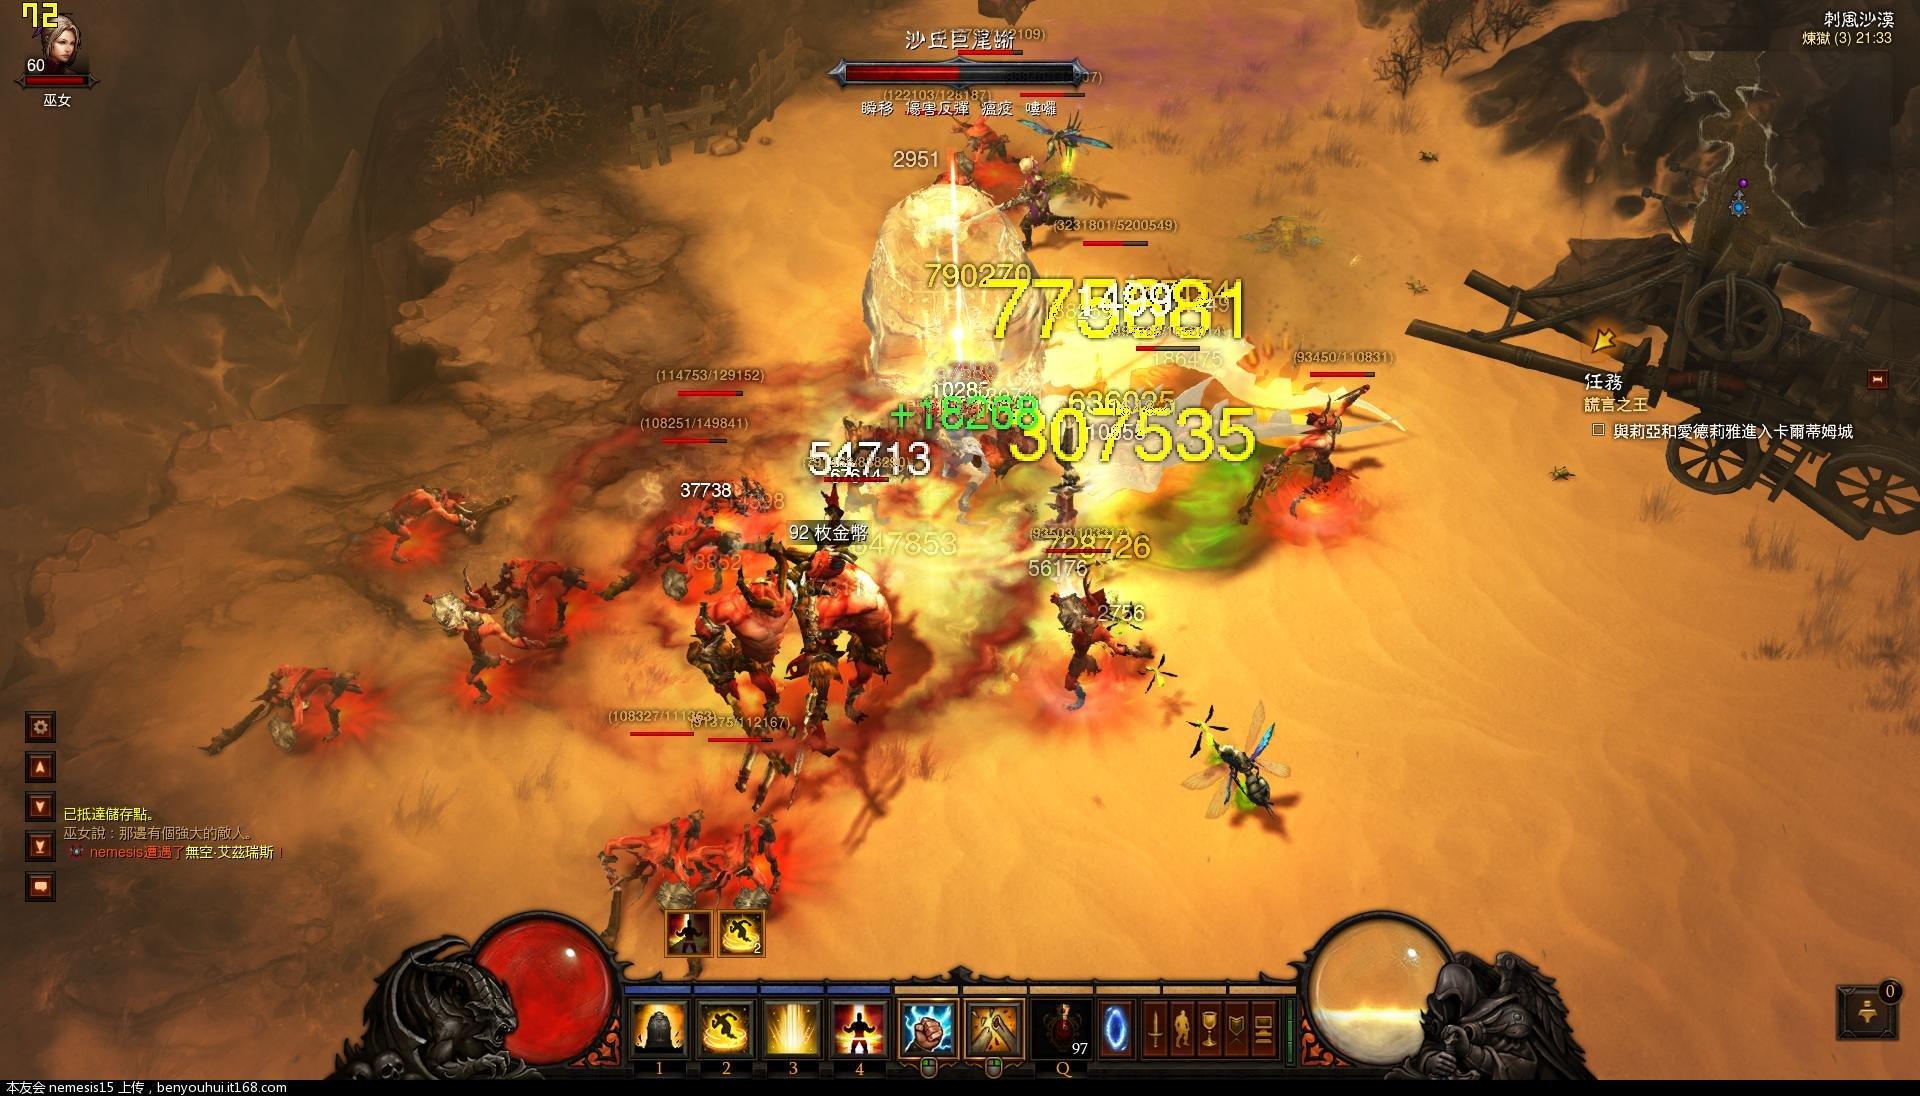 Diablo III 2013-11-03 21-33-50-74.jpg